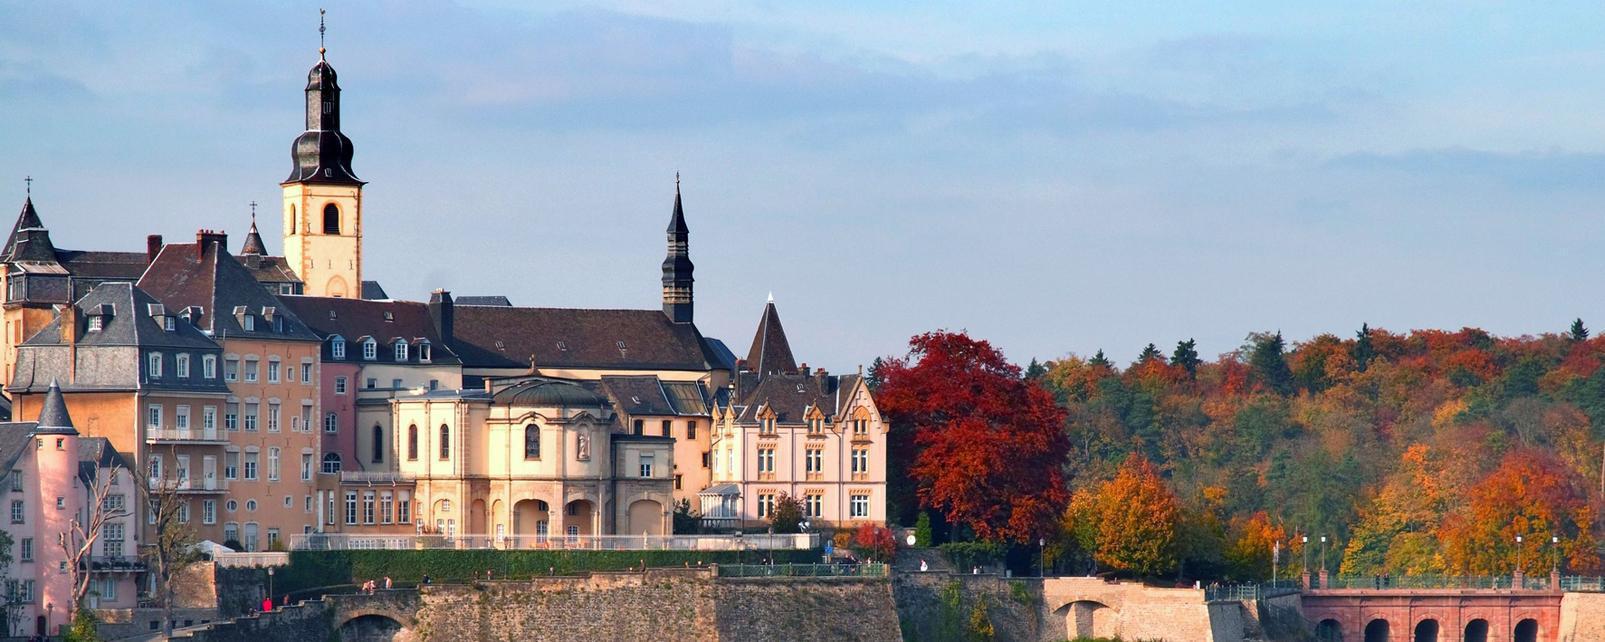 wette luxemburg